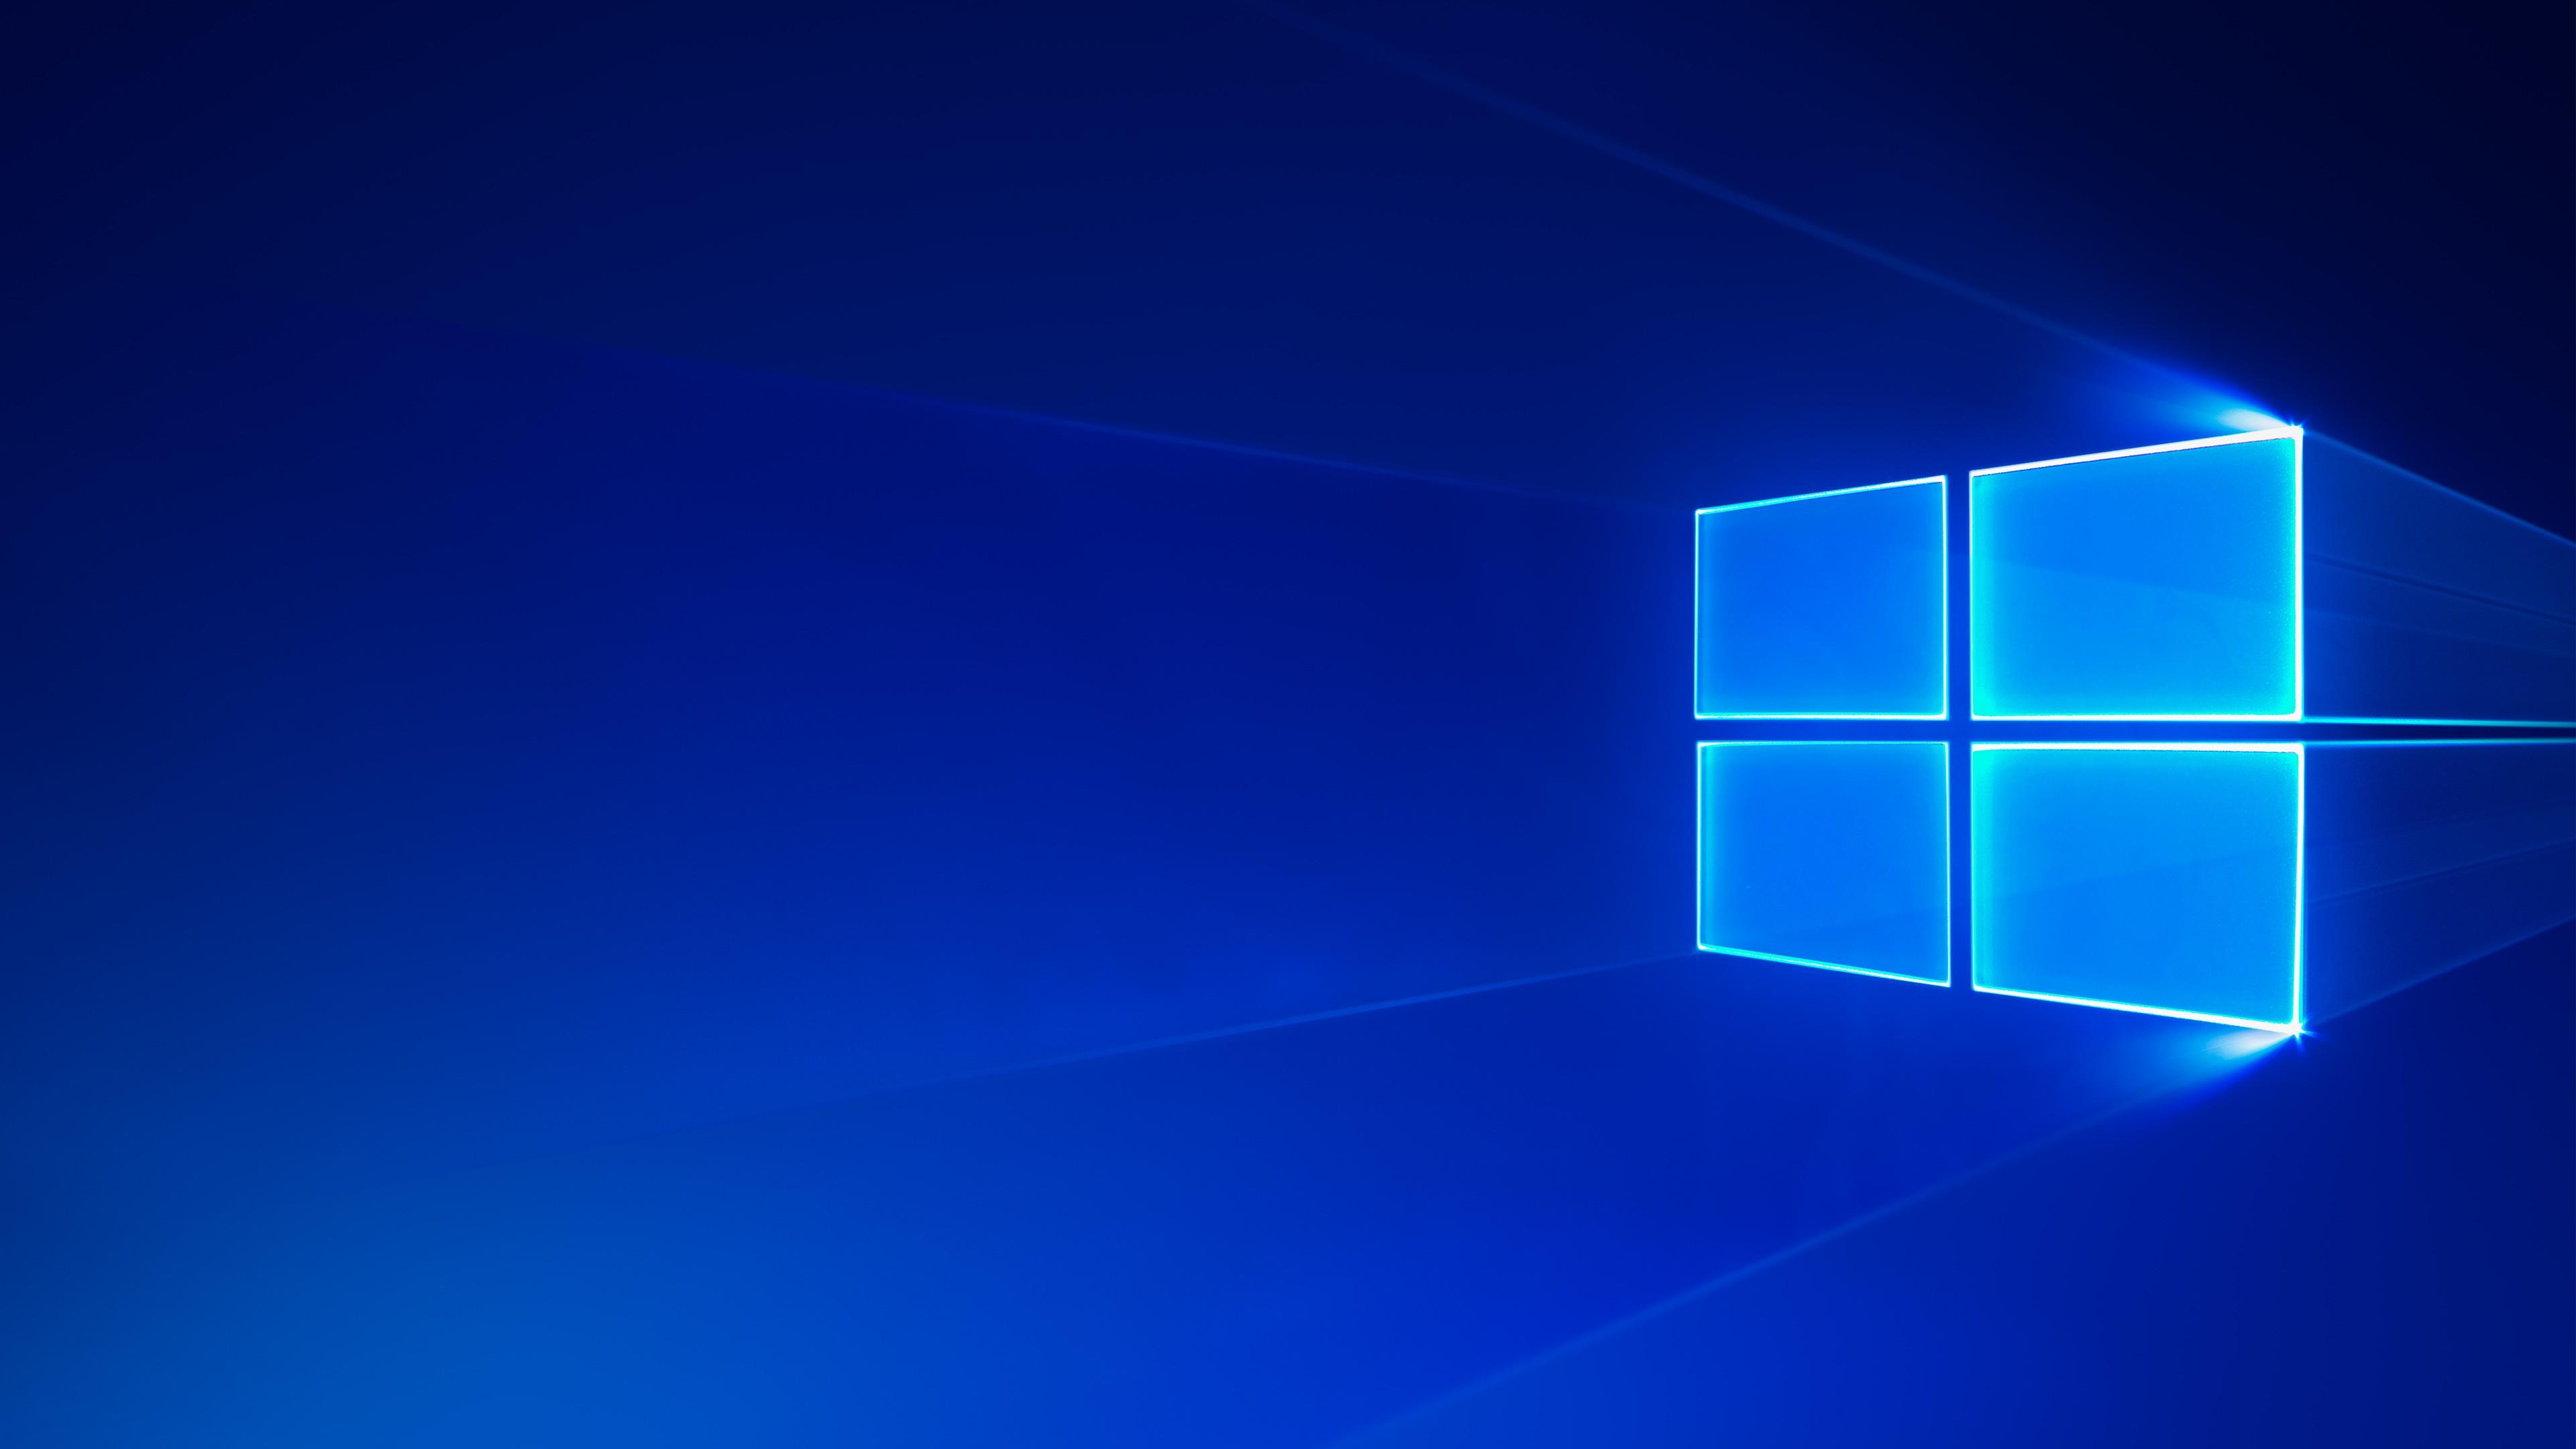 Masaüstü Microsoft Windows Işletim Sistemi Windows 10 3840x2160